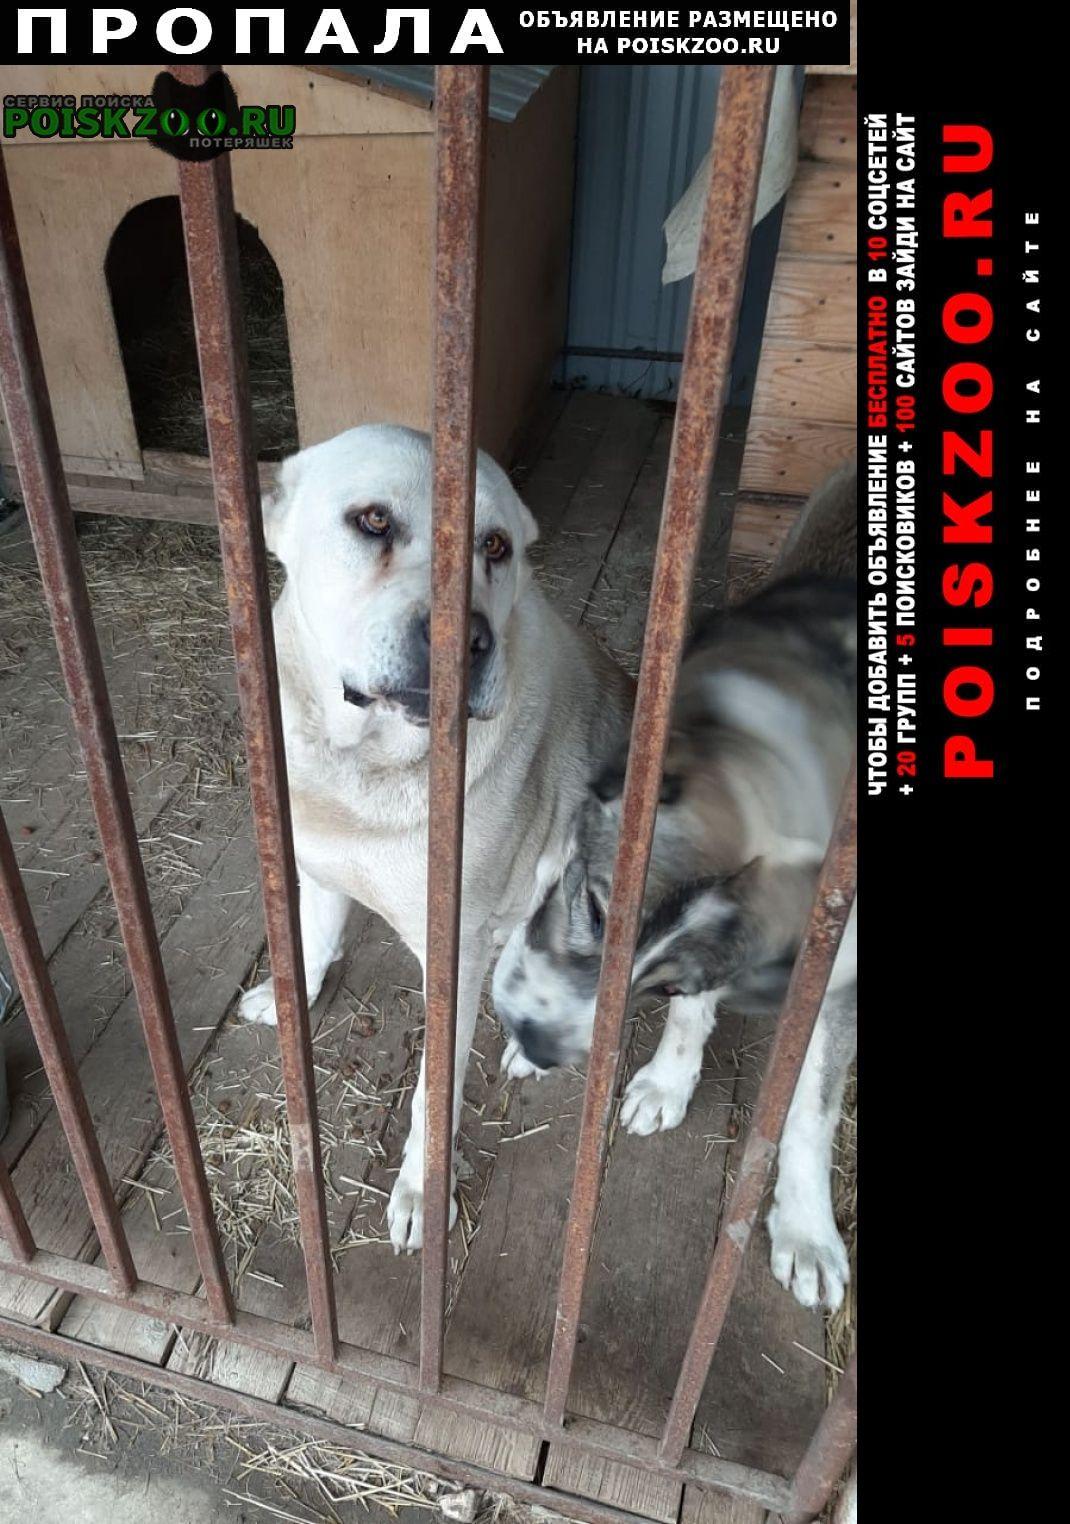 Домодедово Пропала собака кобель и собаки. 2 алабая